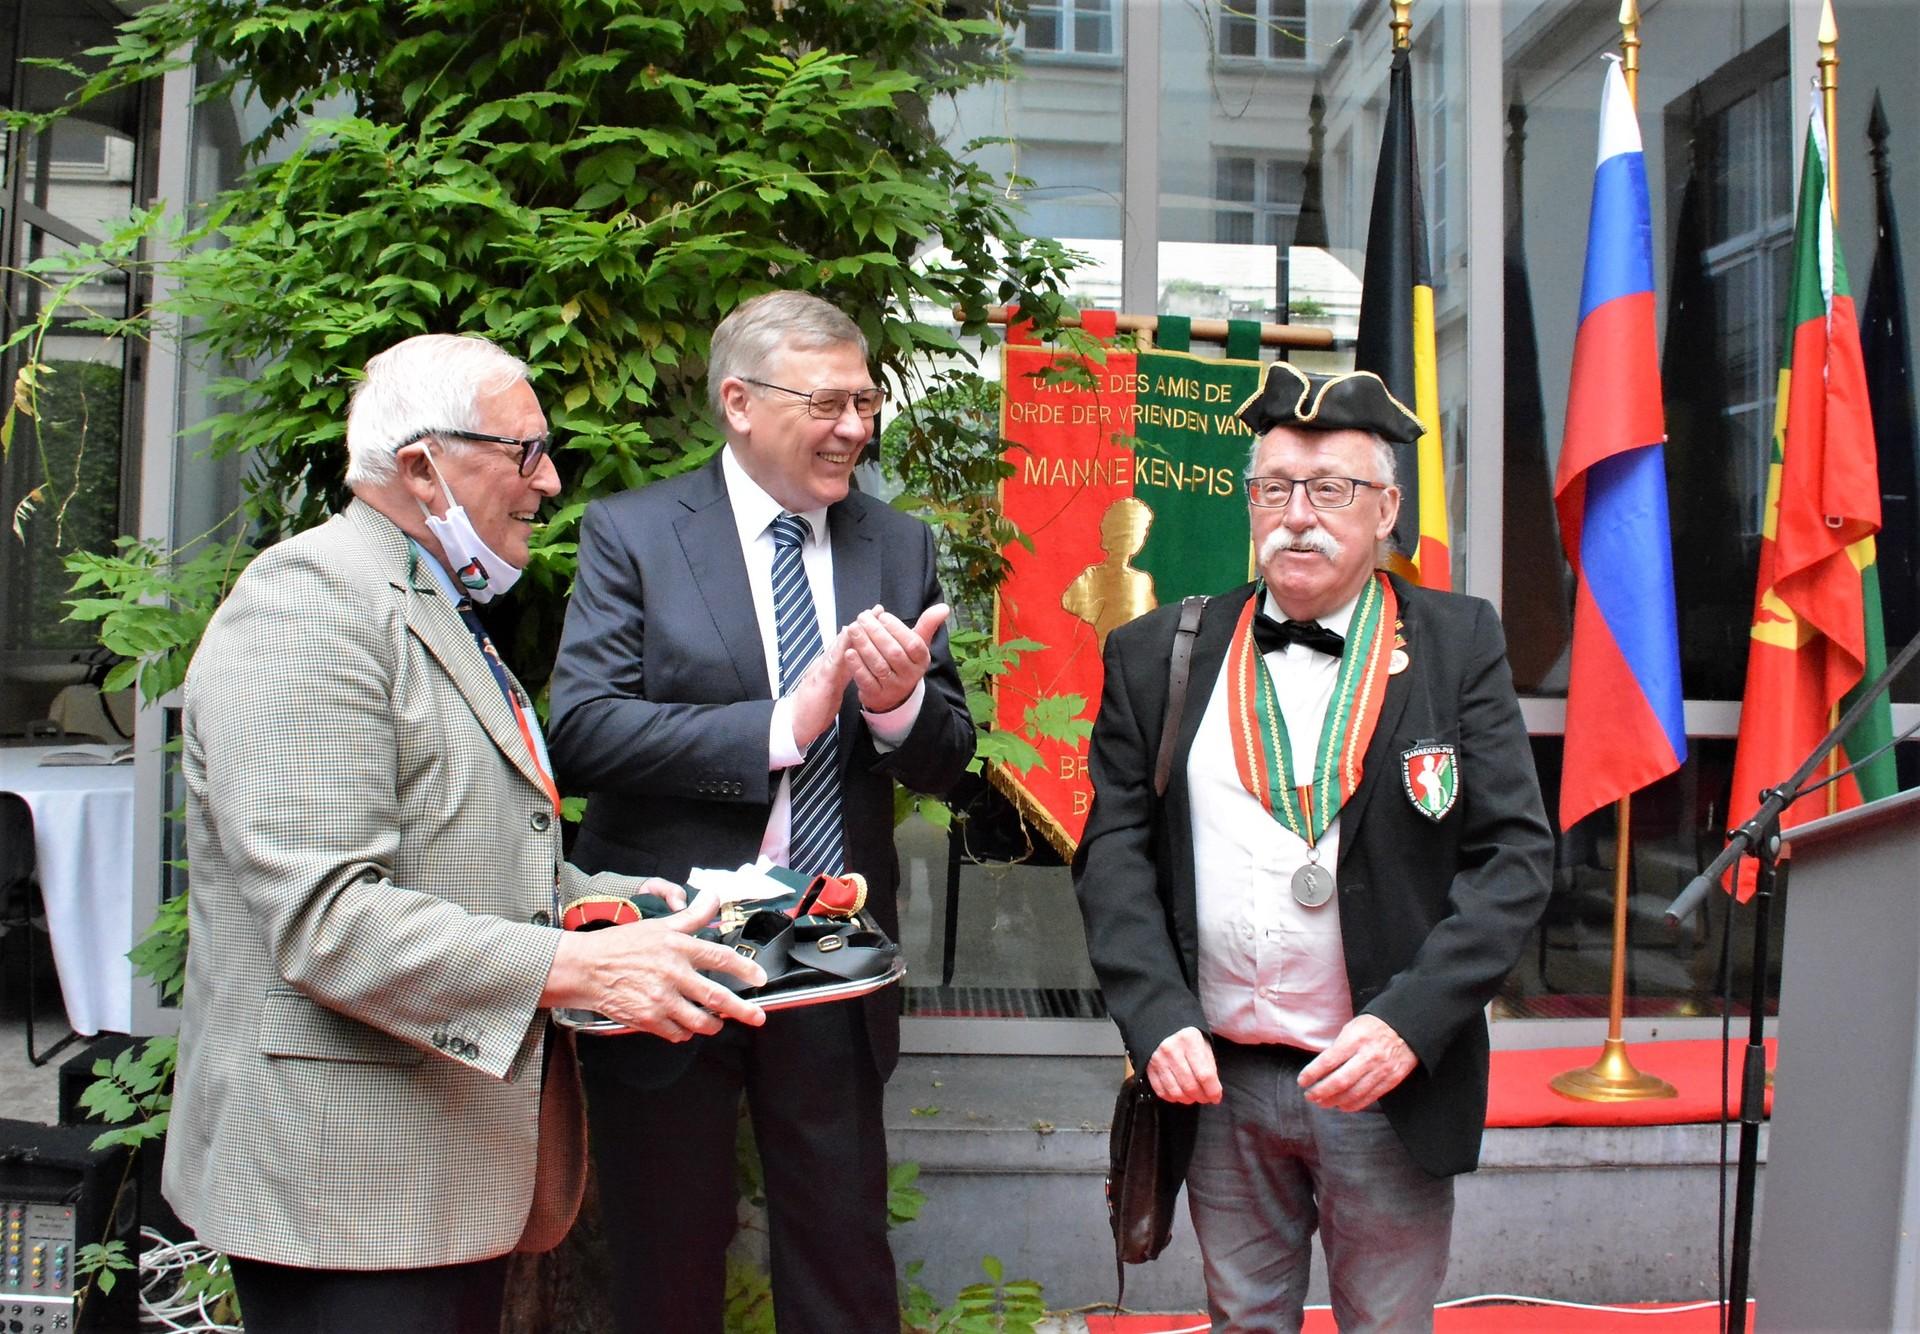 Remise de la tenue par son excellence monsieur l'ambassadeur de Russie en Belgique Alexander Tokovinin (au centre sur la photo)